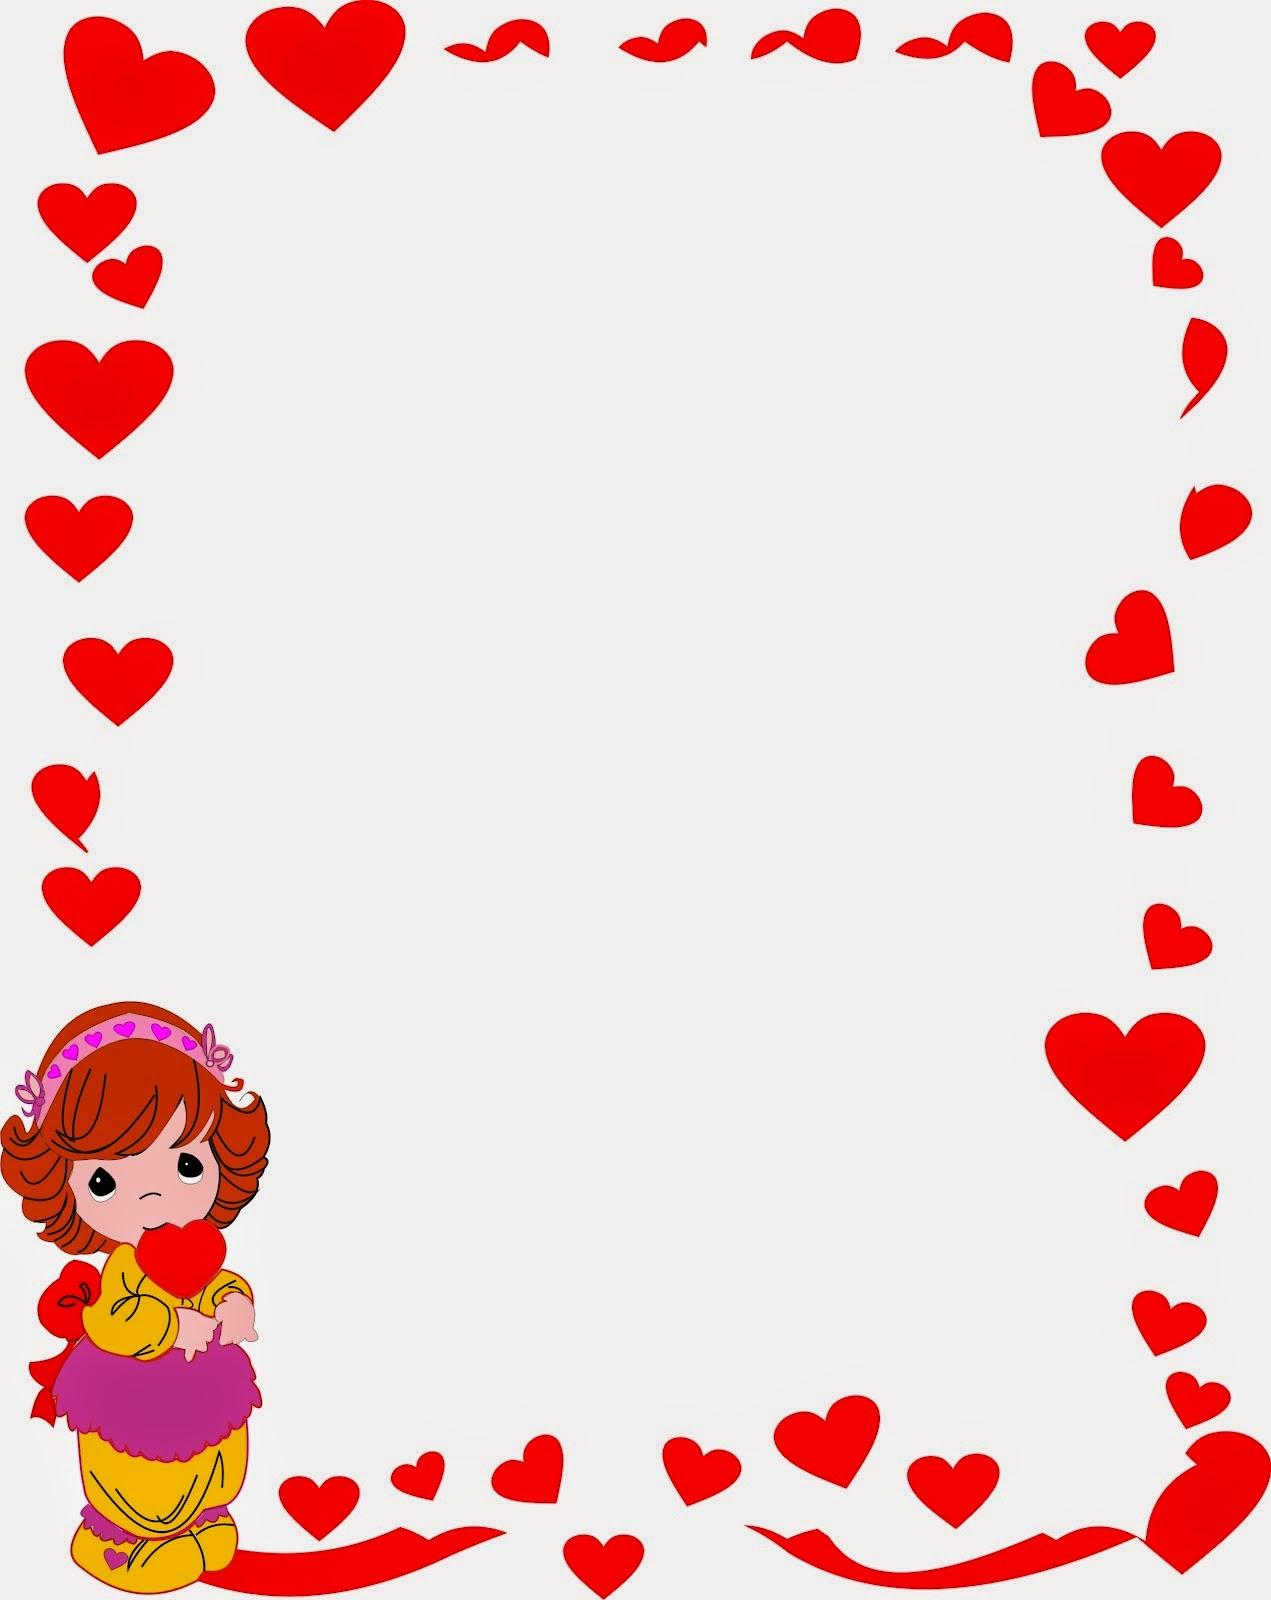 caratula para cuaderno marco de corazon